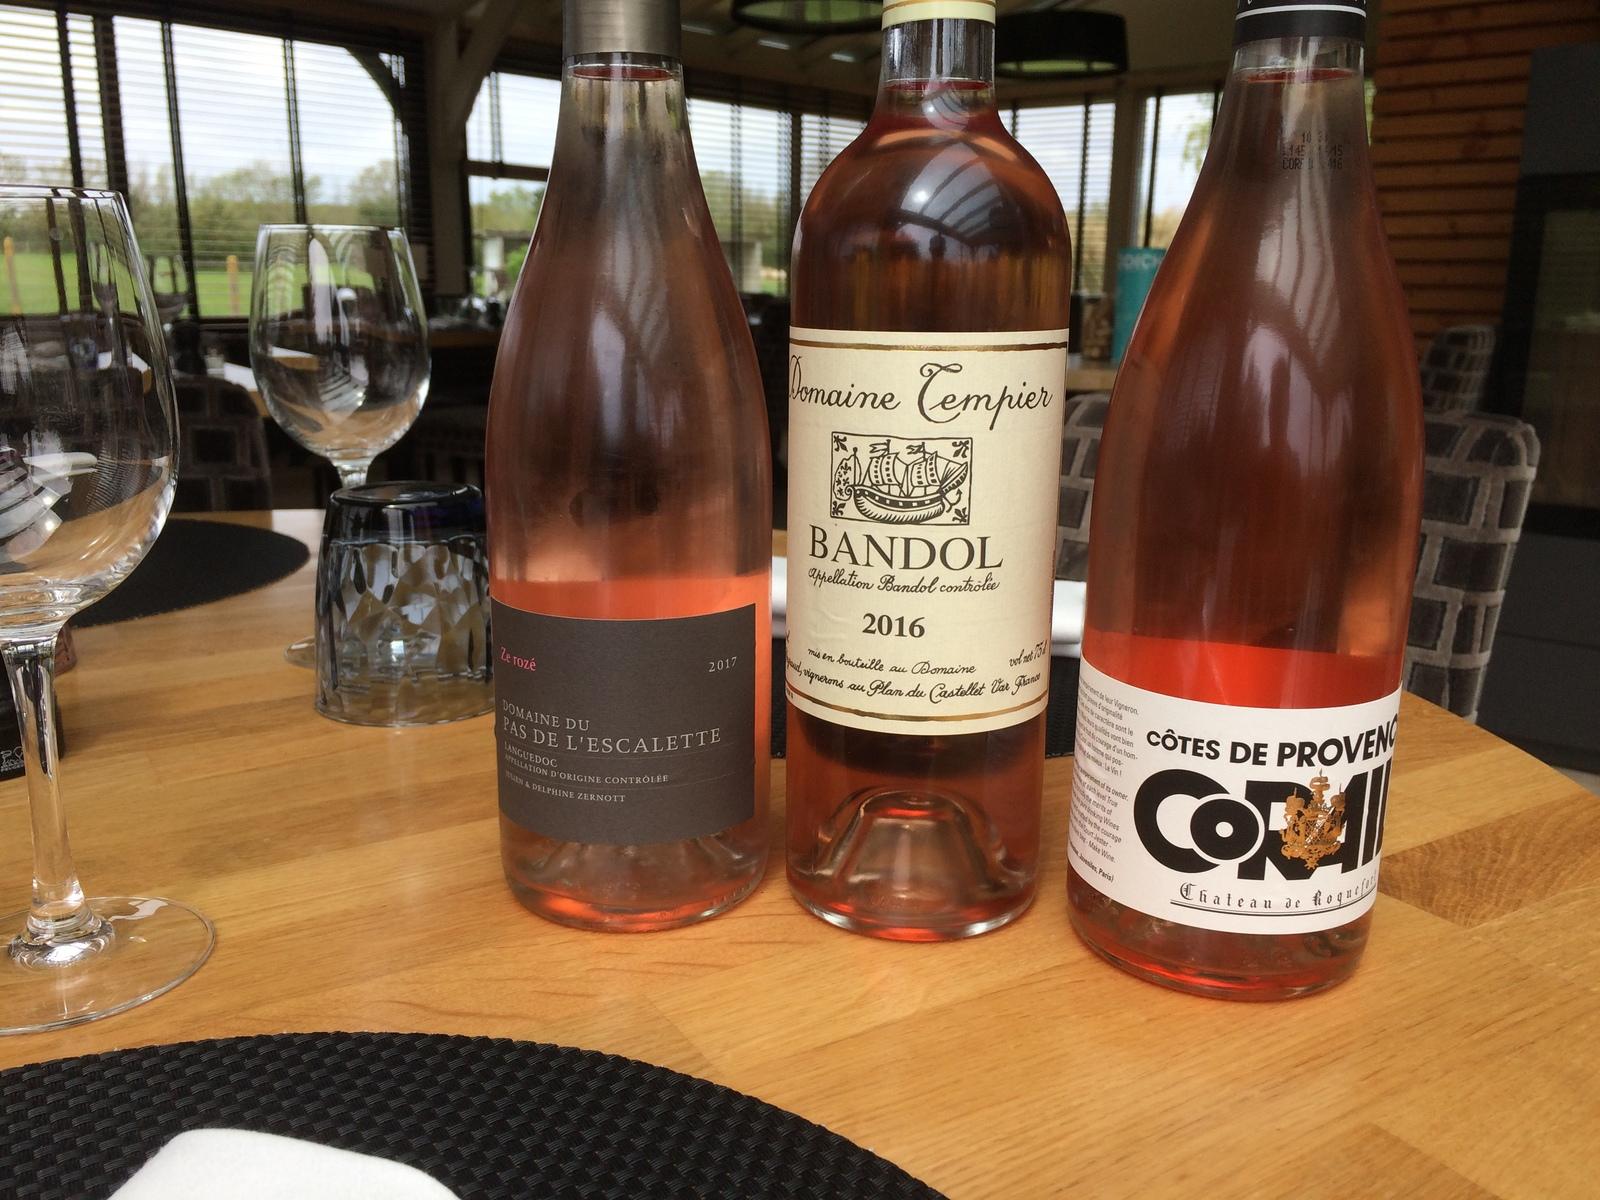 Des vins soigneusement sélectionnés pour un repas haut en couleur